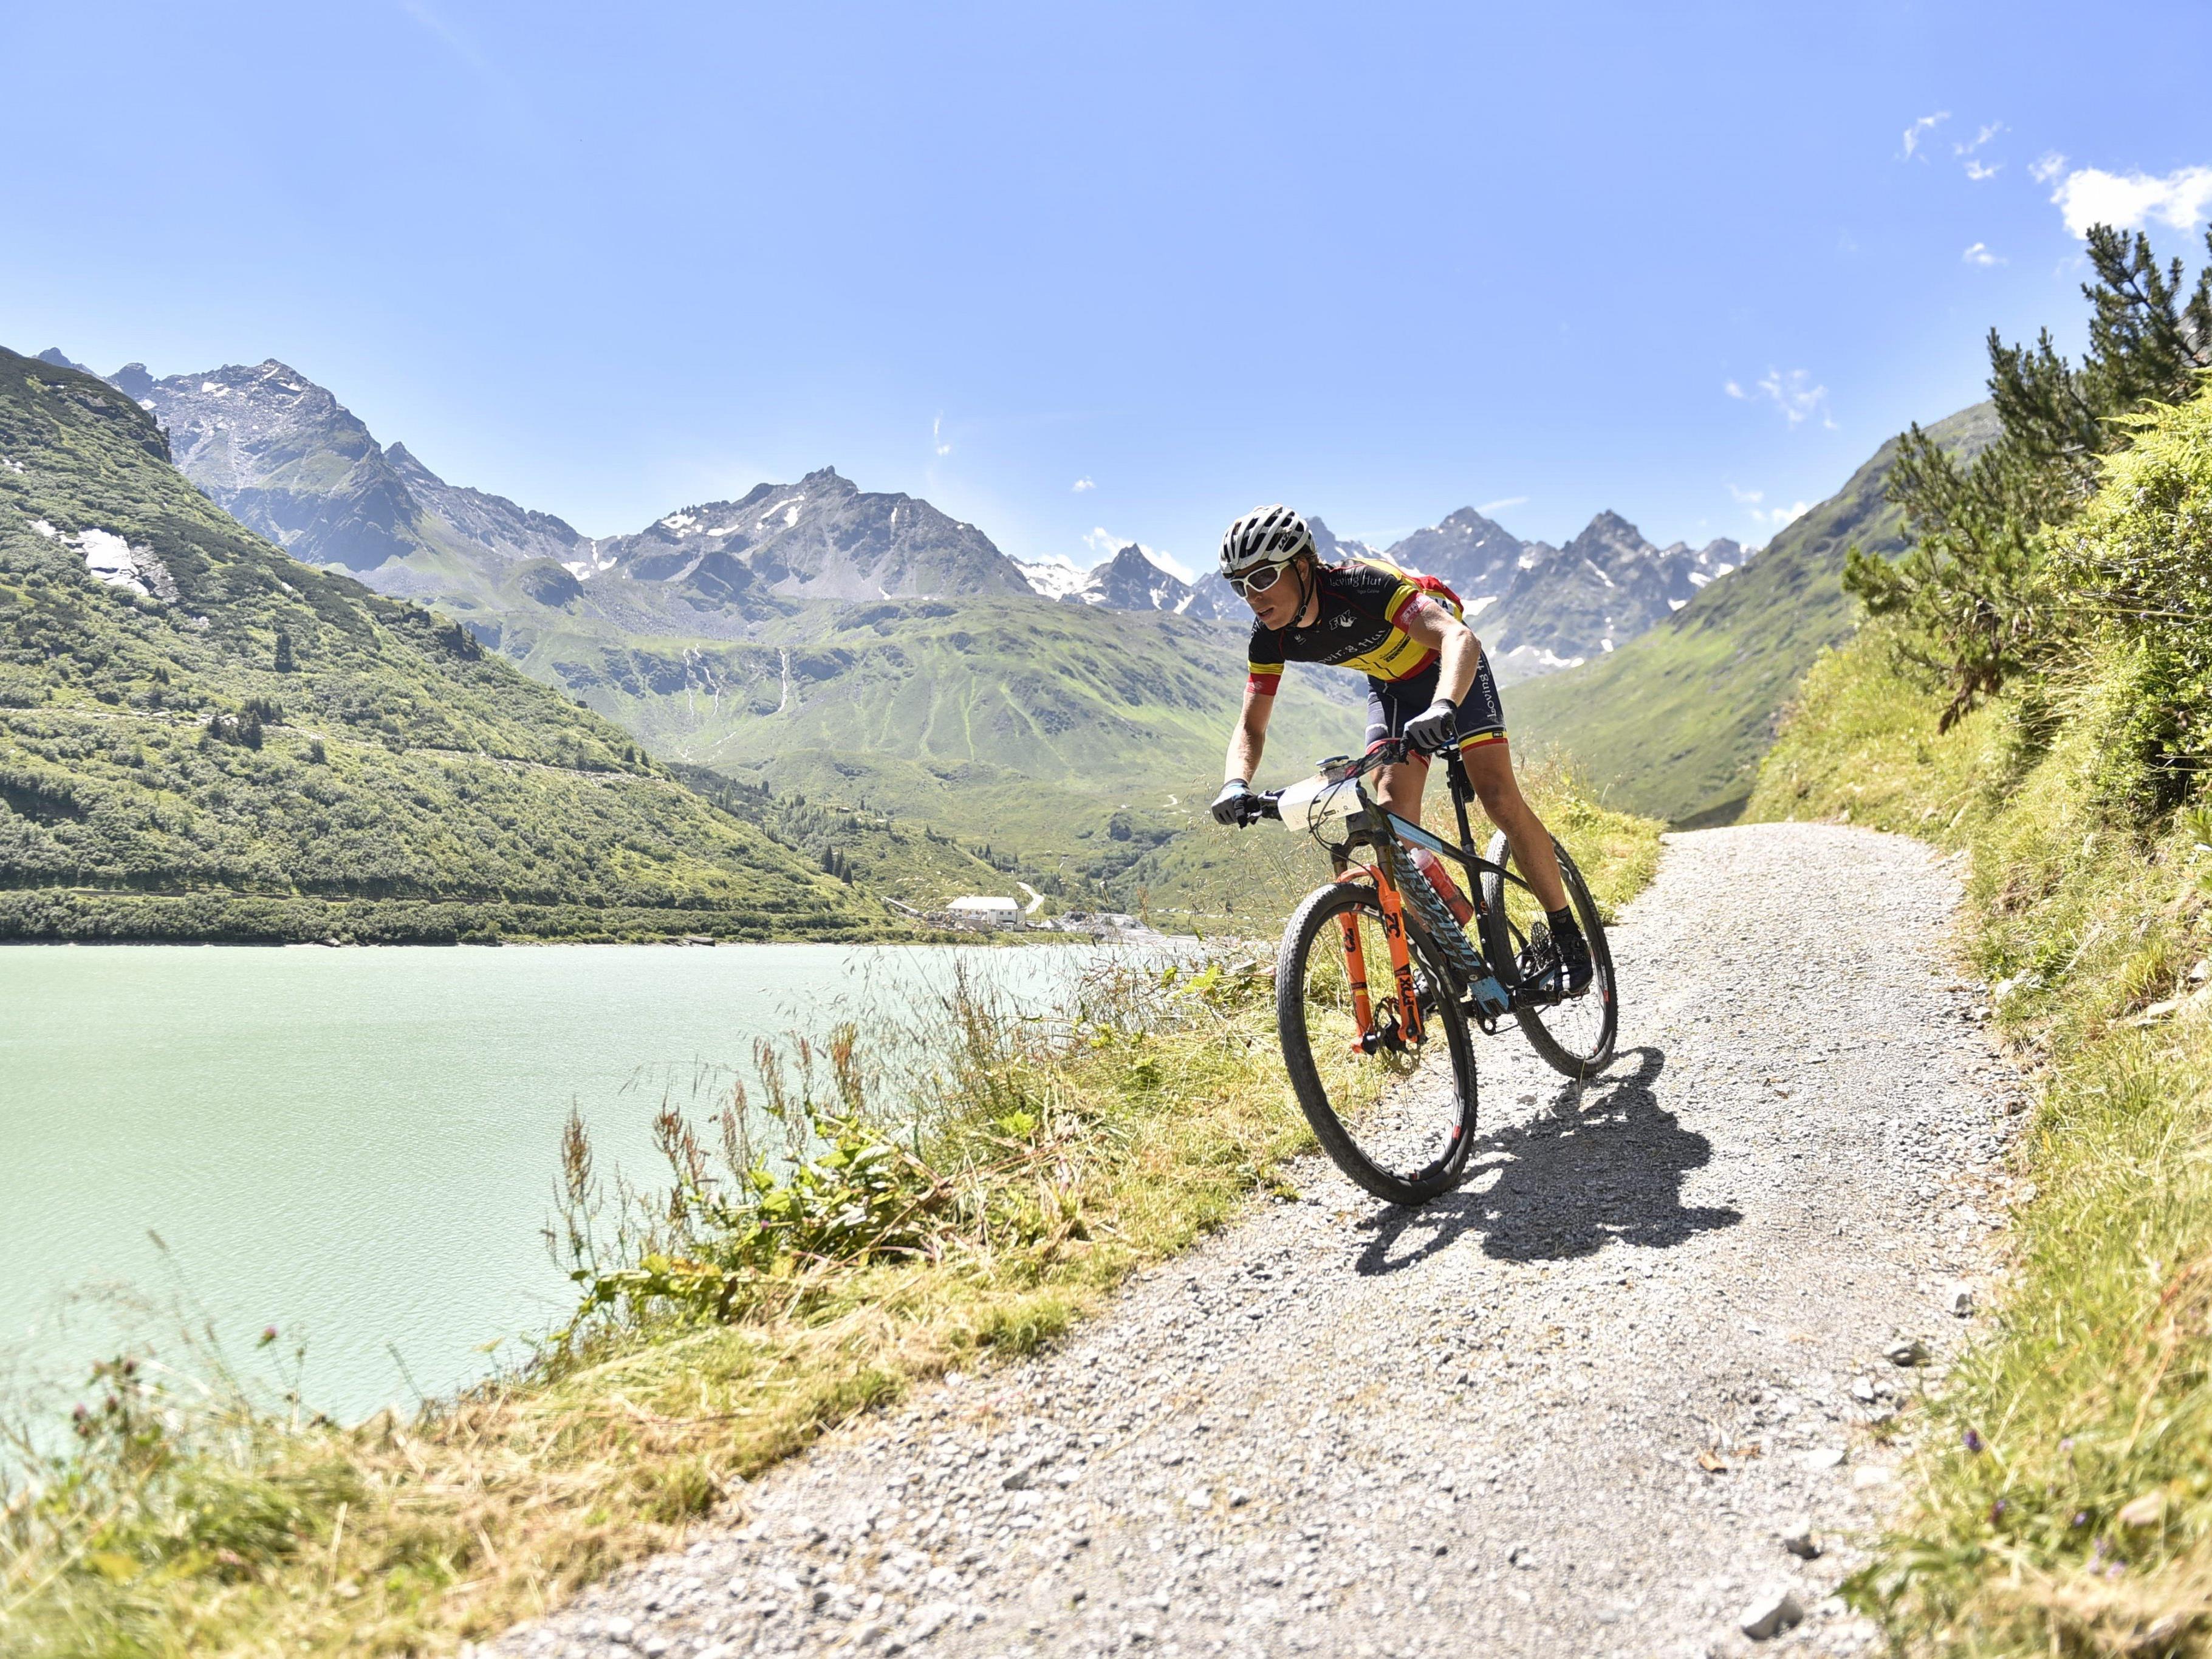 Biken in herrlicher Landschaft